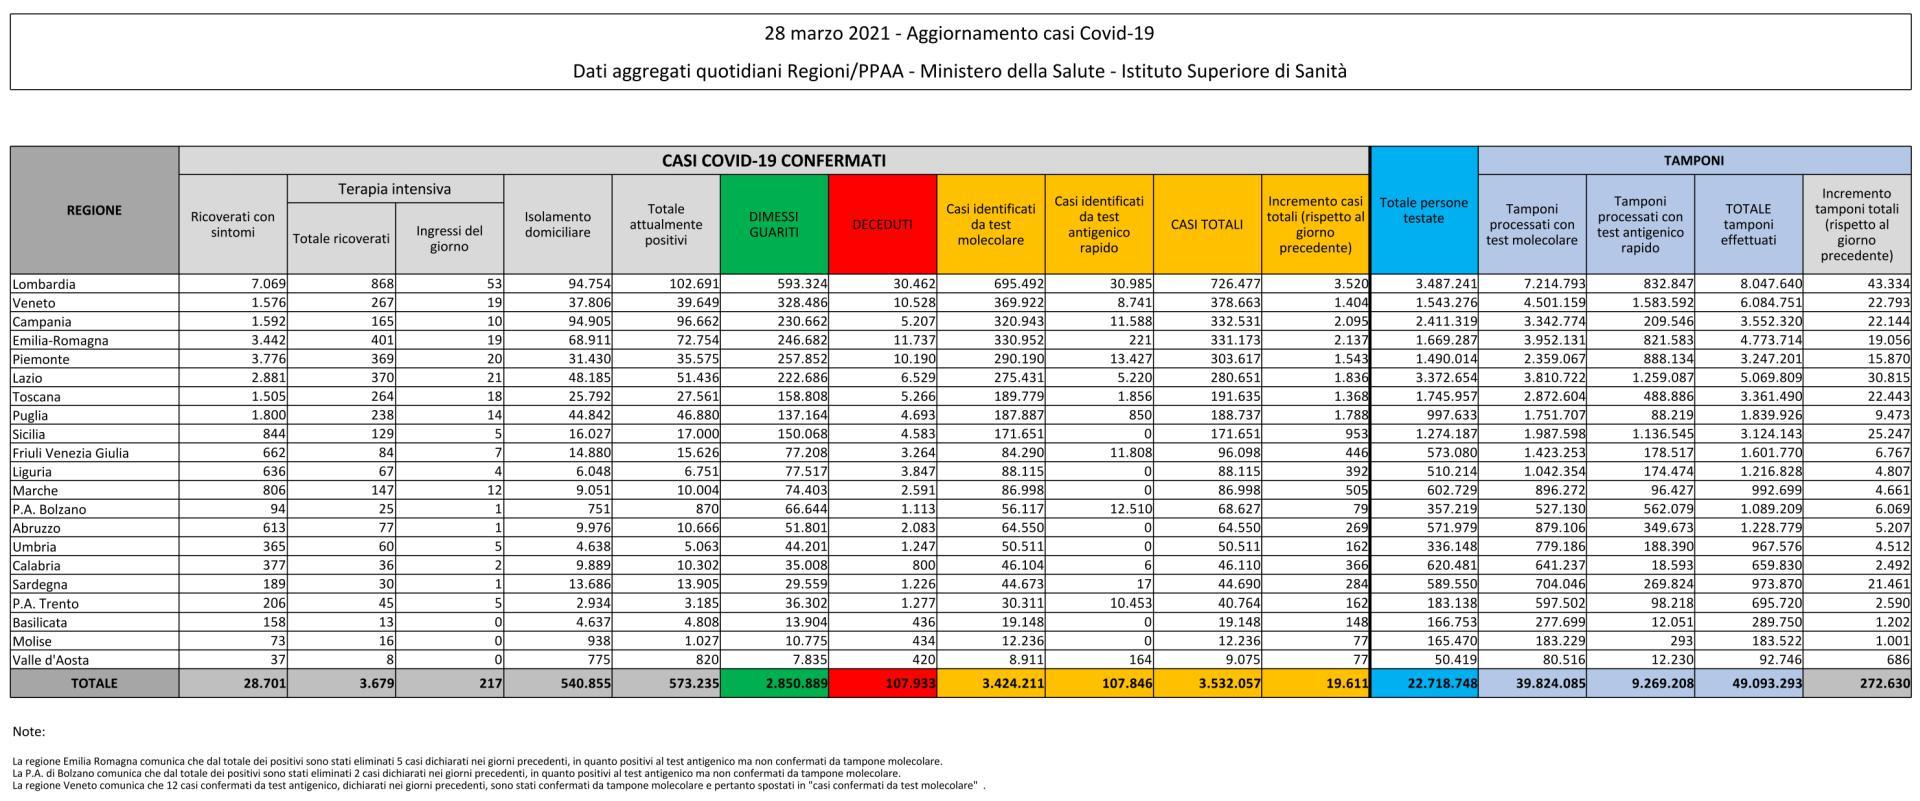 28 marzo 2021 - Aggiornamento casi Covid-19 Dati aggregati quotidiani Regioni/PPAA - Ministero della Salute - Istituto Superiore di Sanità